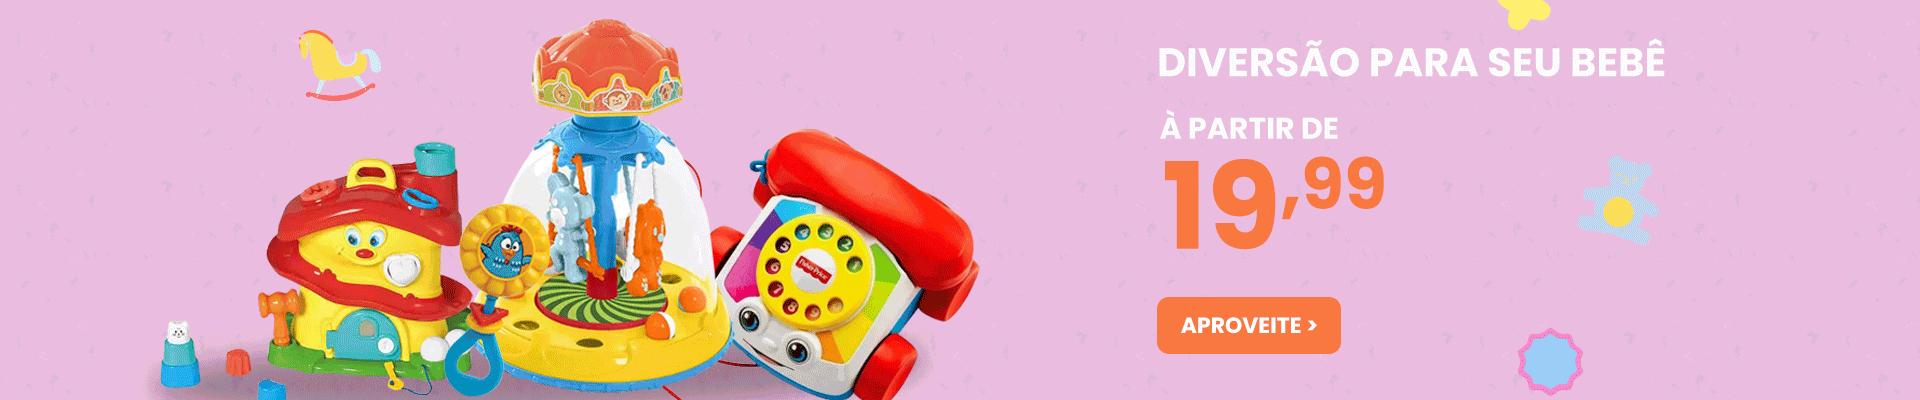 Brinquedos | Banner Diversão p/ seu bb